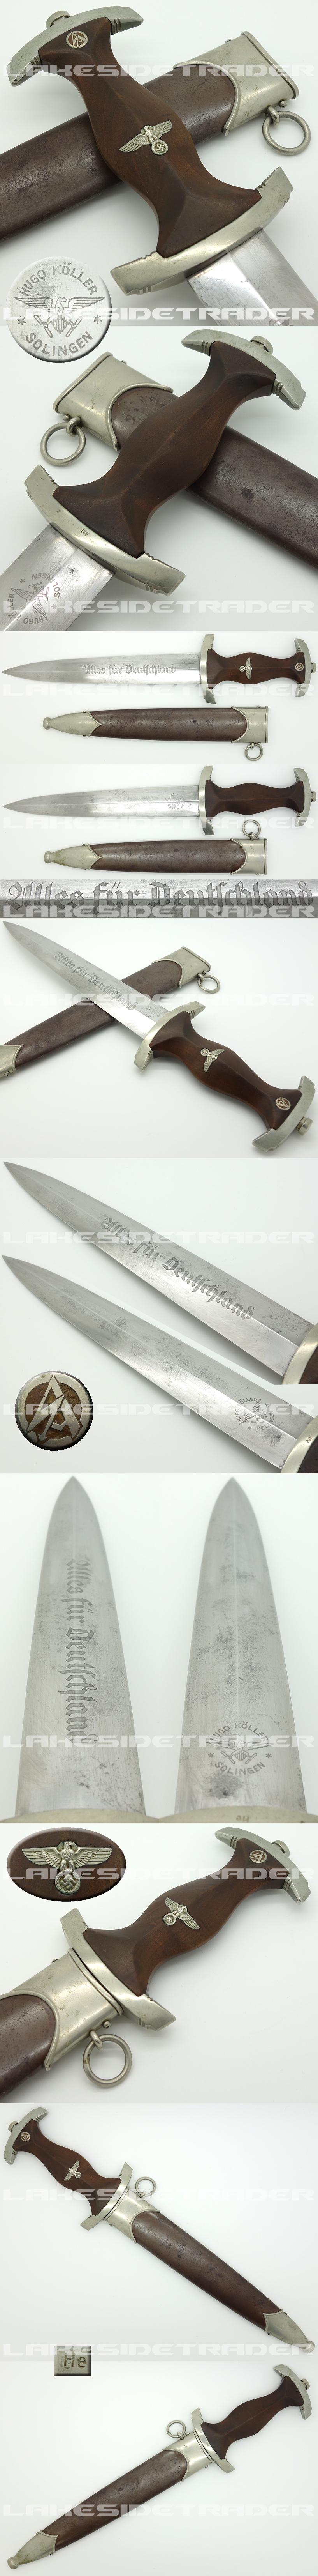 Early SA Dagger by Hugo Köller